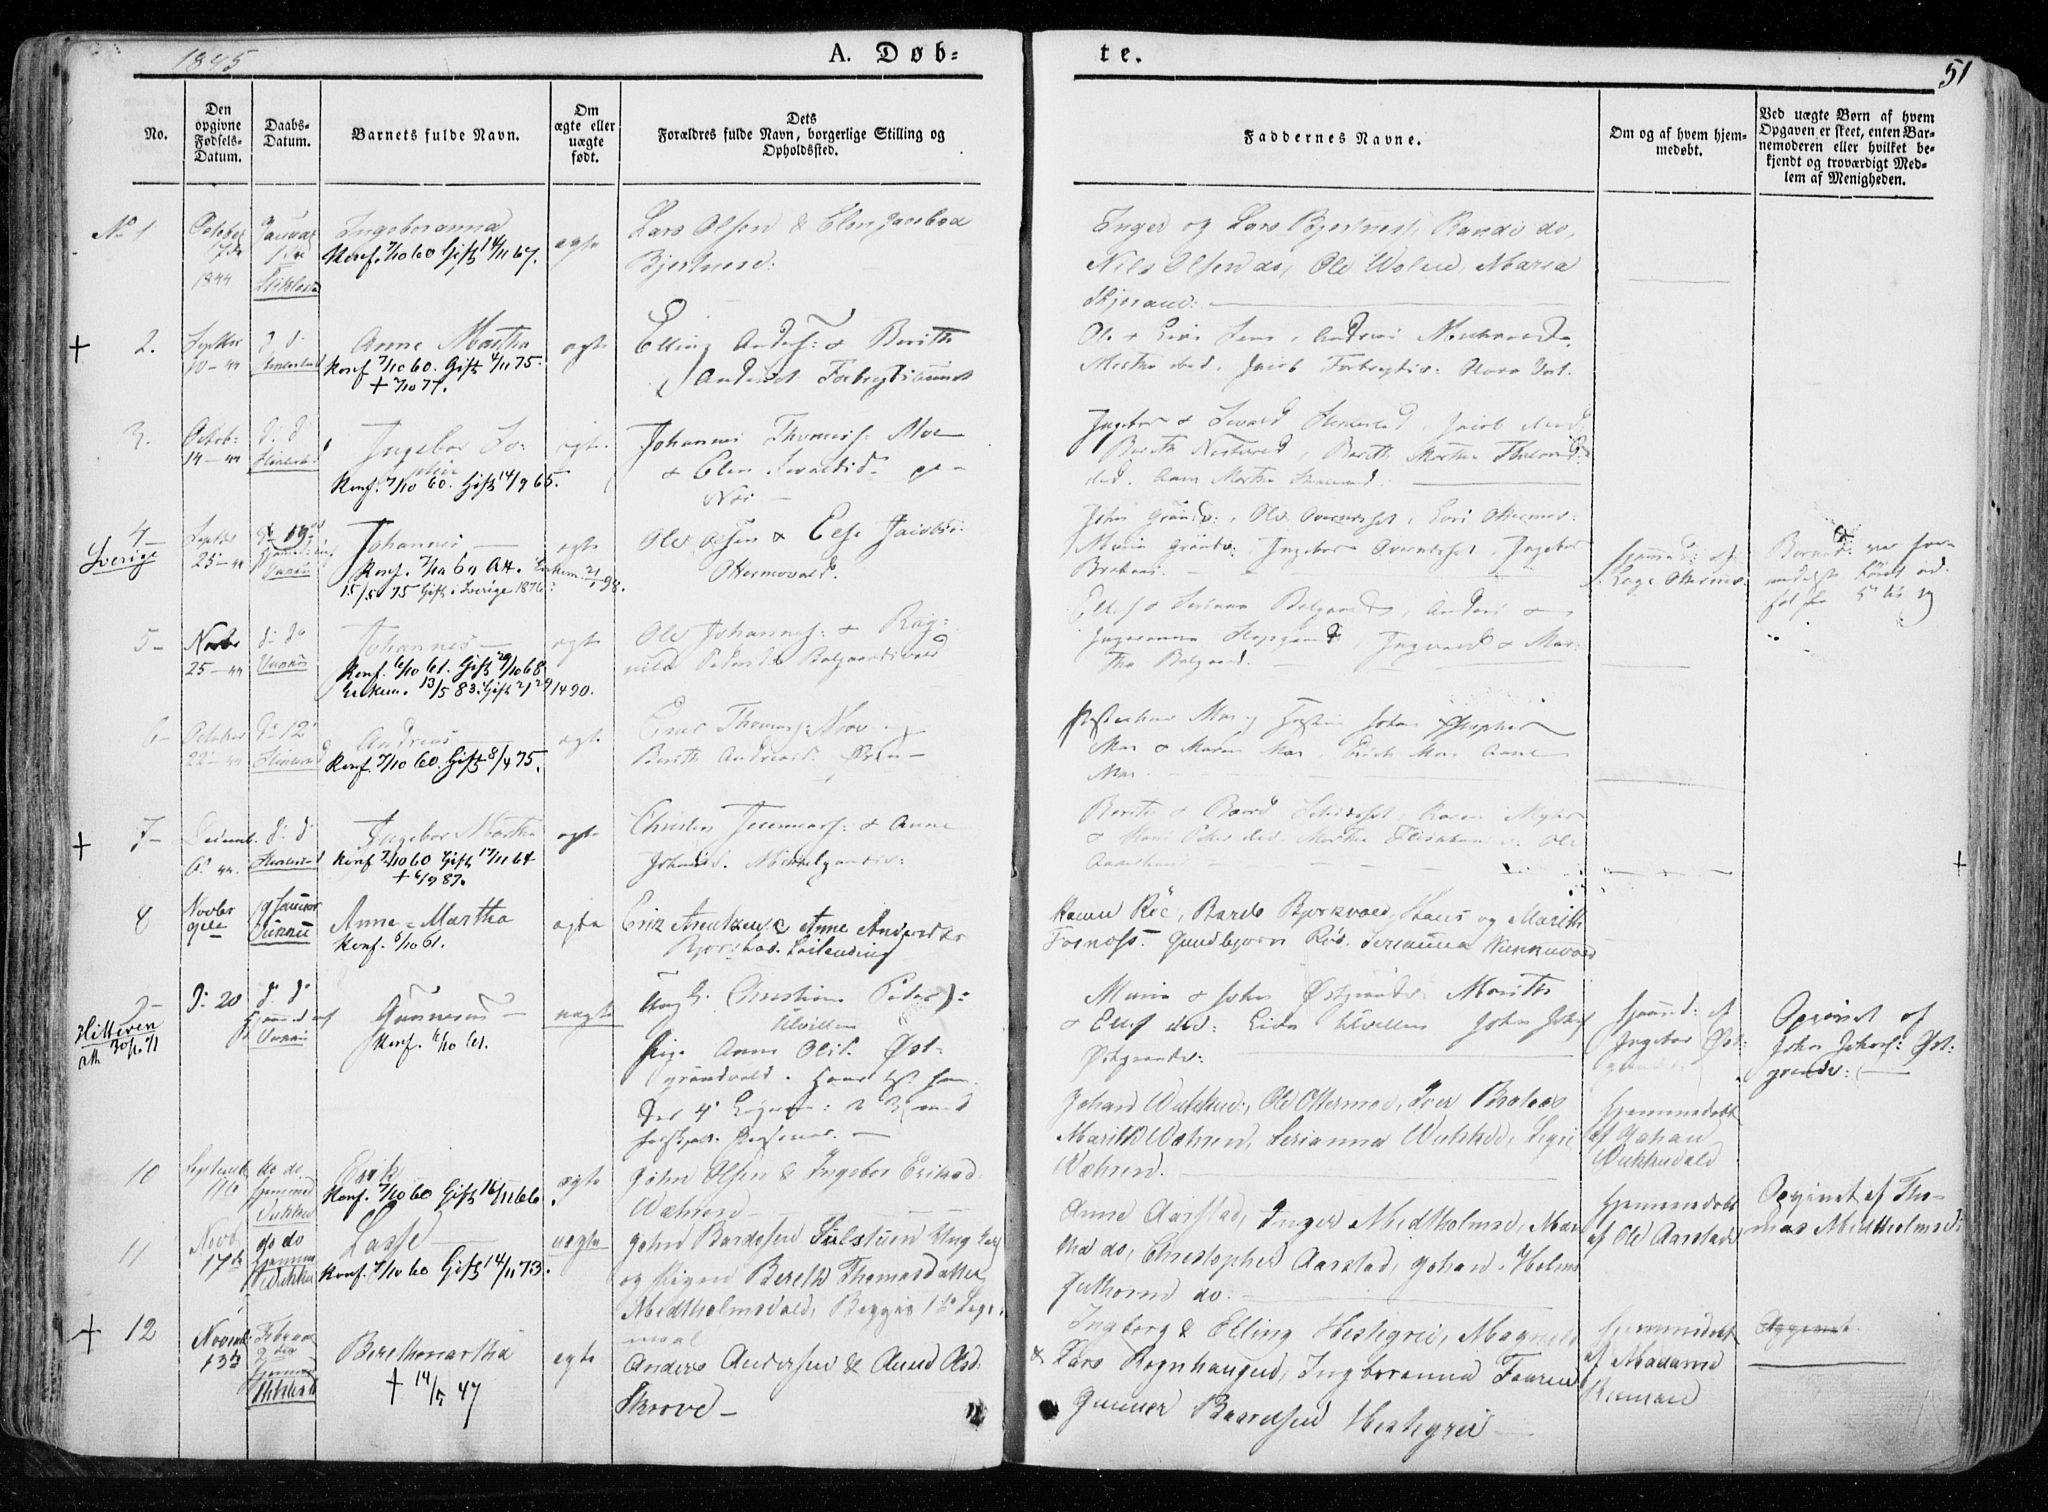 SAT, Ministerialprotokoller, klokkerbøker og fødselsregistre - Nord-Trøndelag, 723/L0239: Ministerialbok nr. 723A08, 1841-1851, s. 51